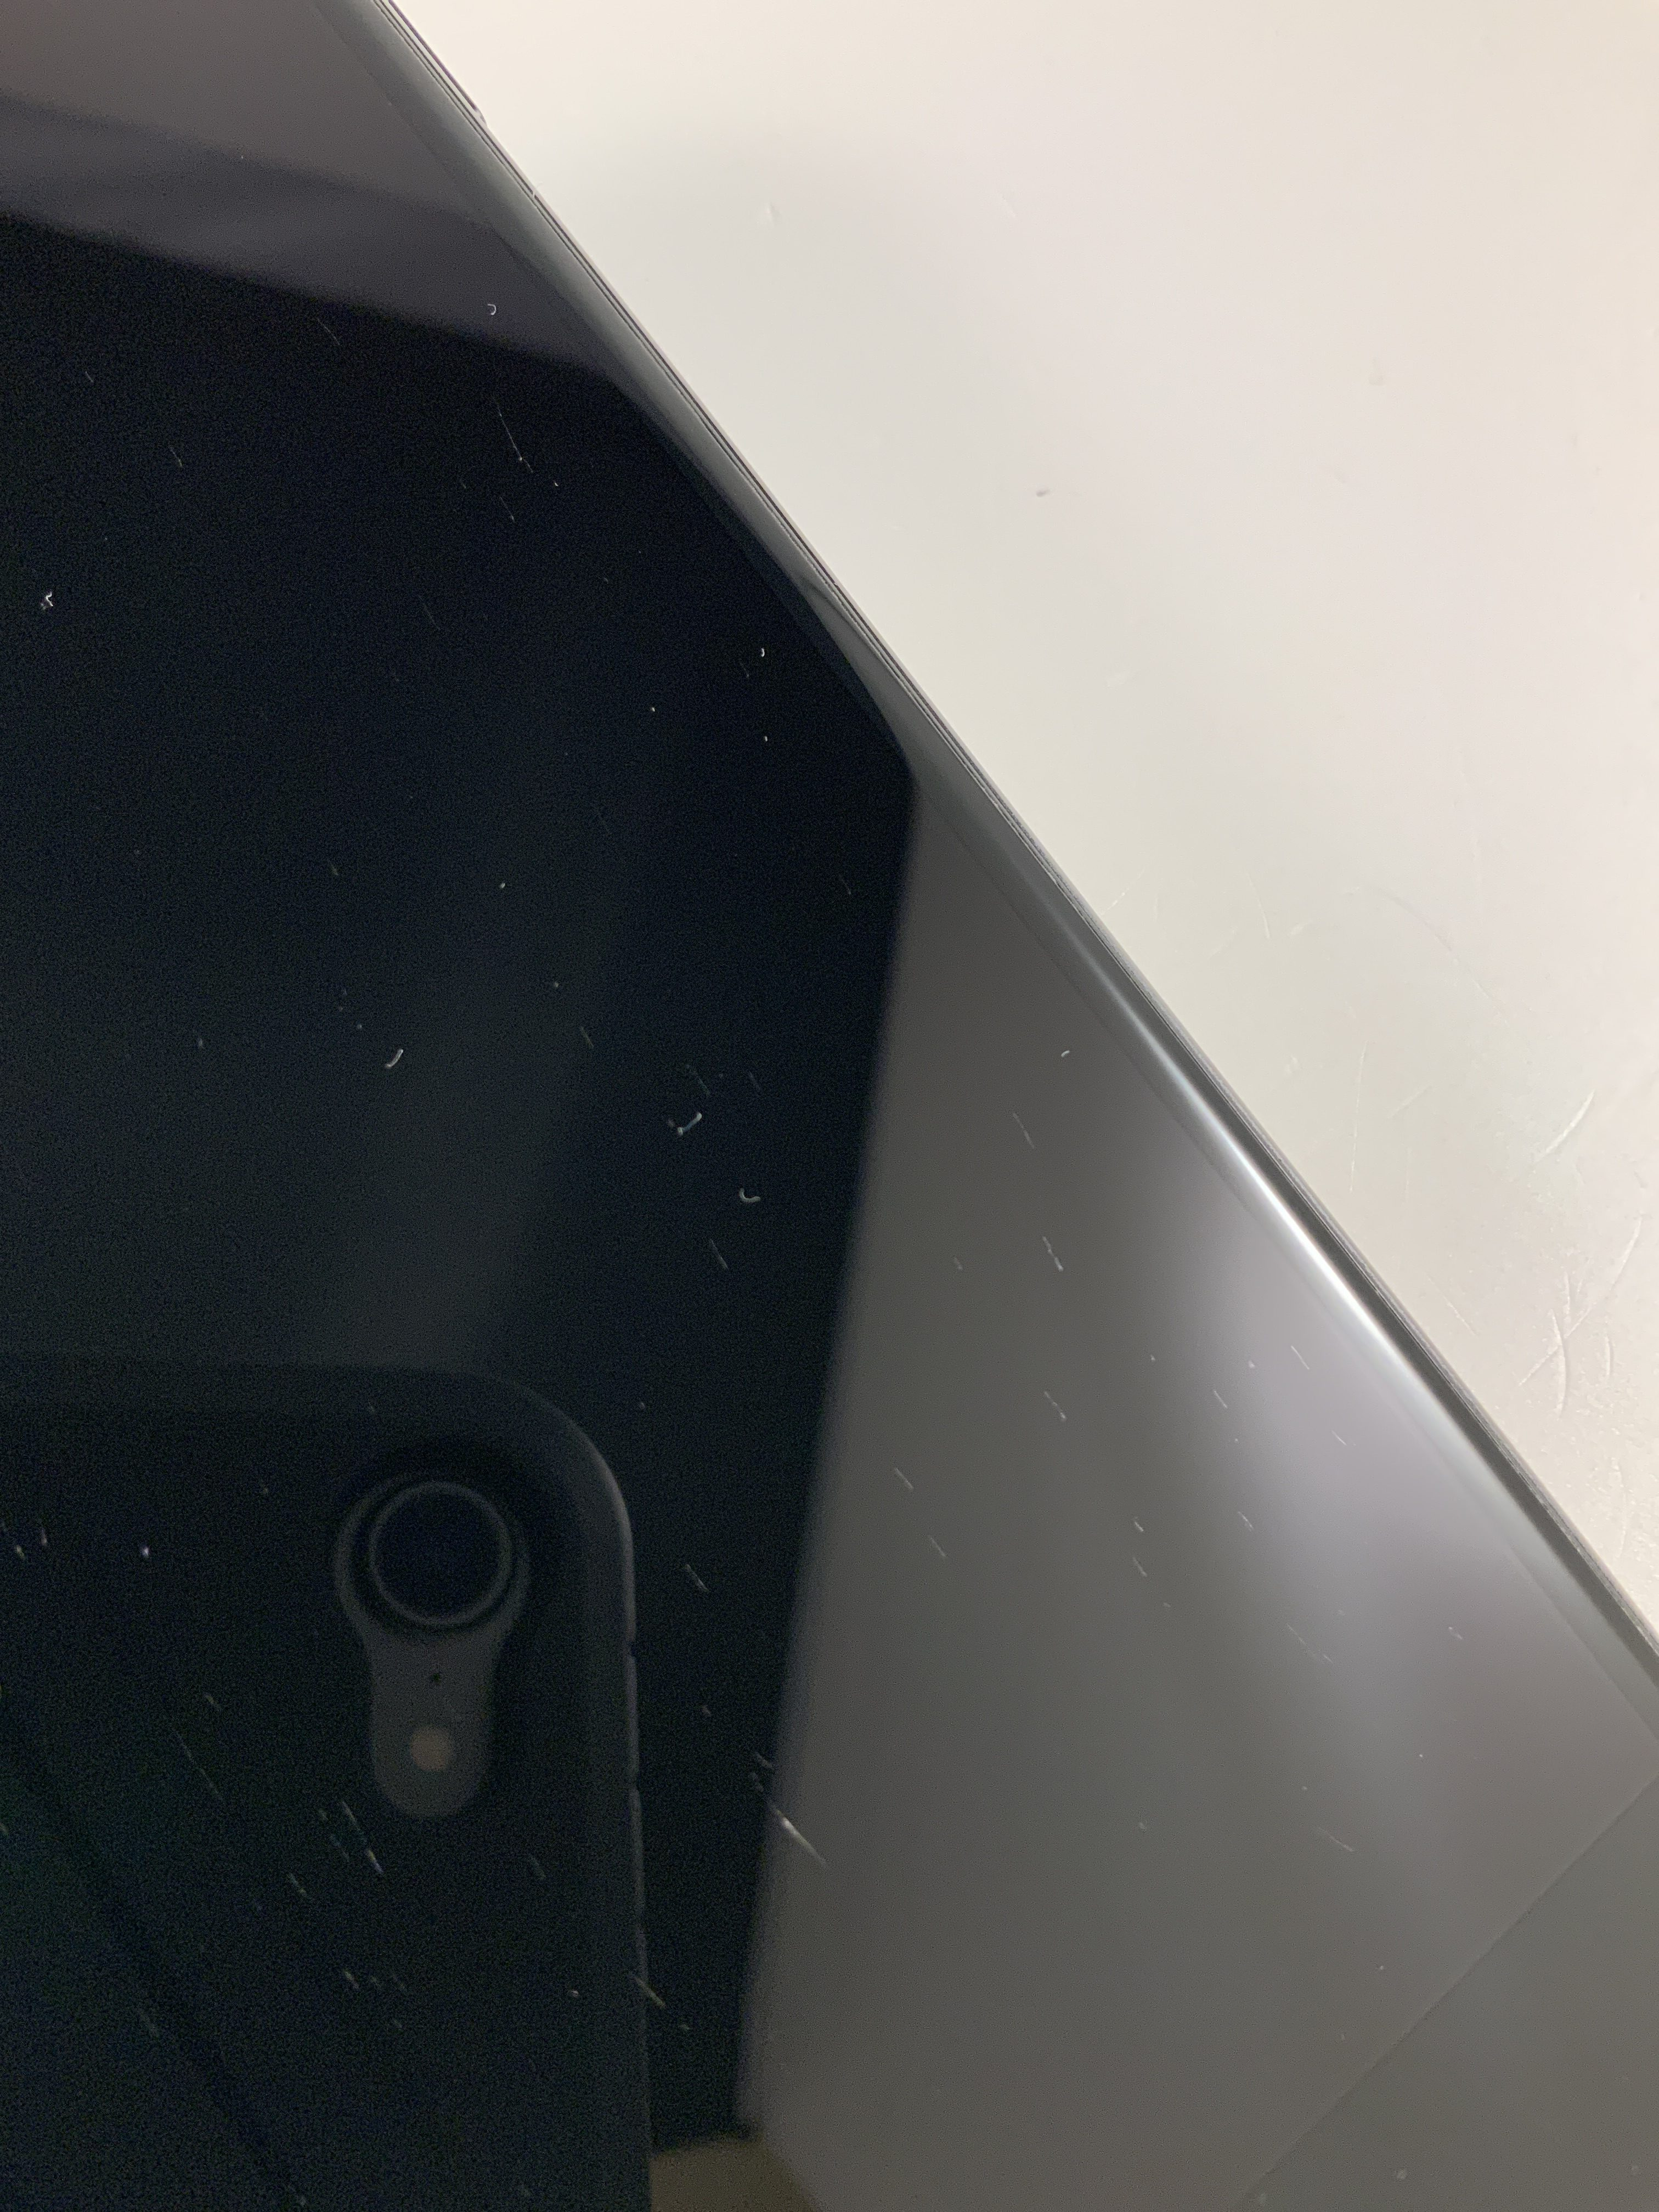 iPhone 7 Plus 32GB, 32GB, Black, imagen 4